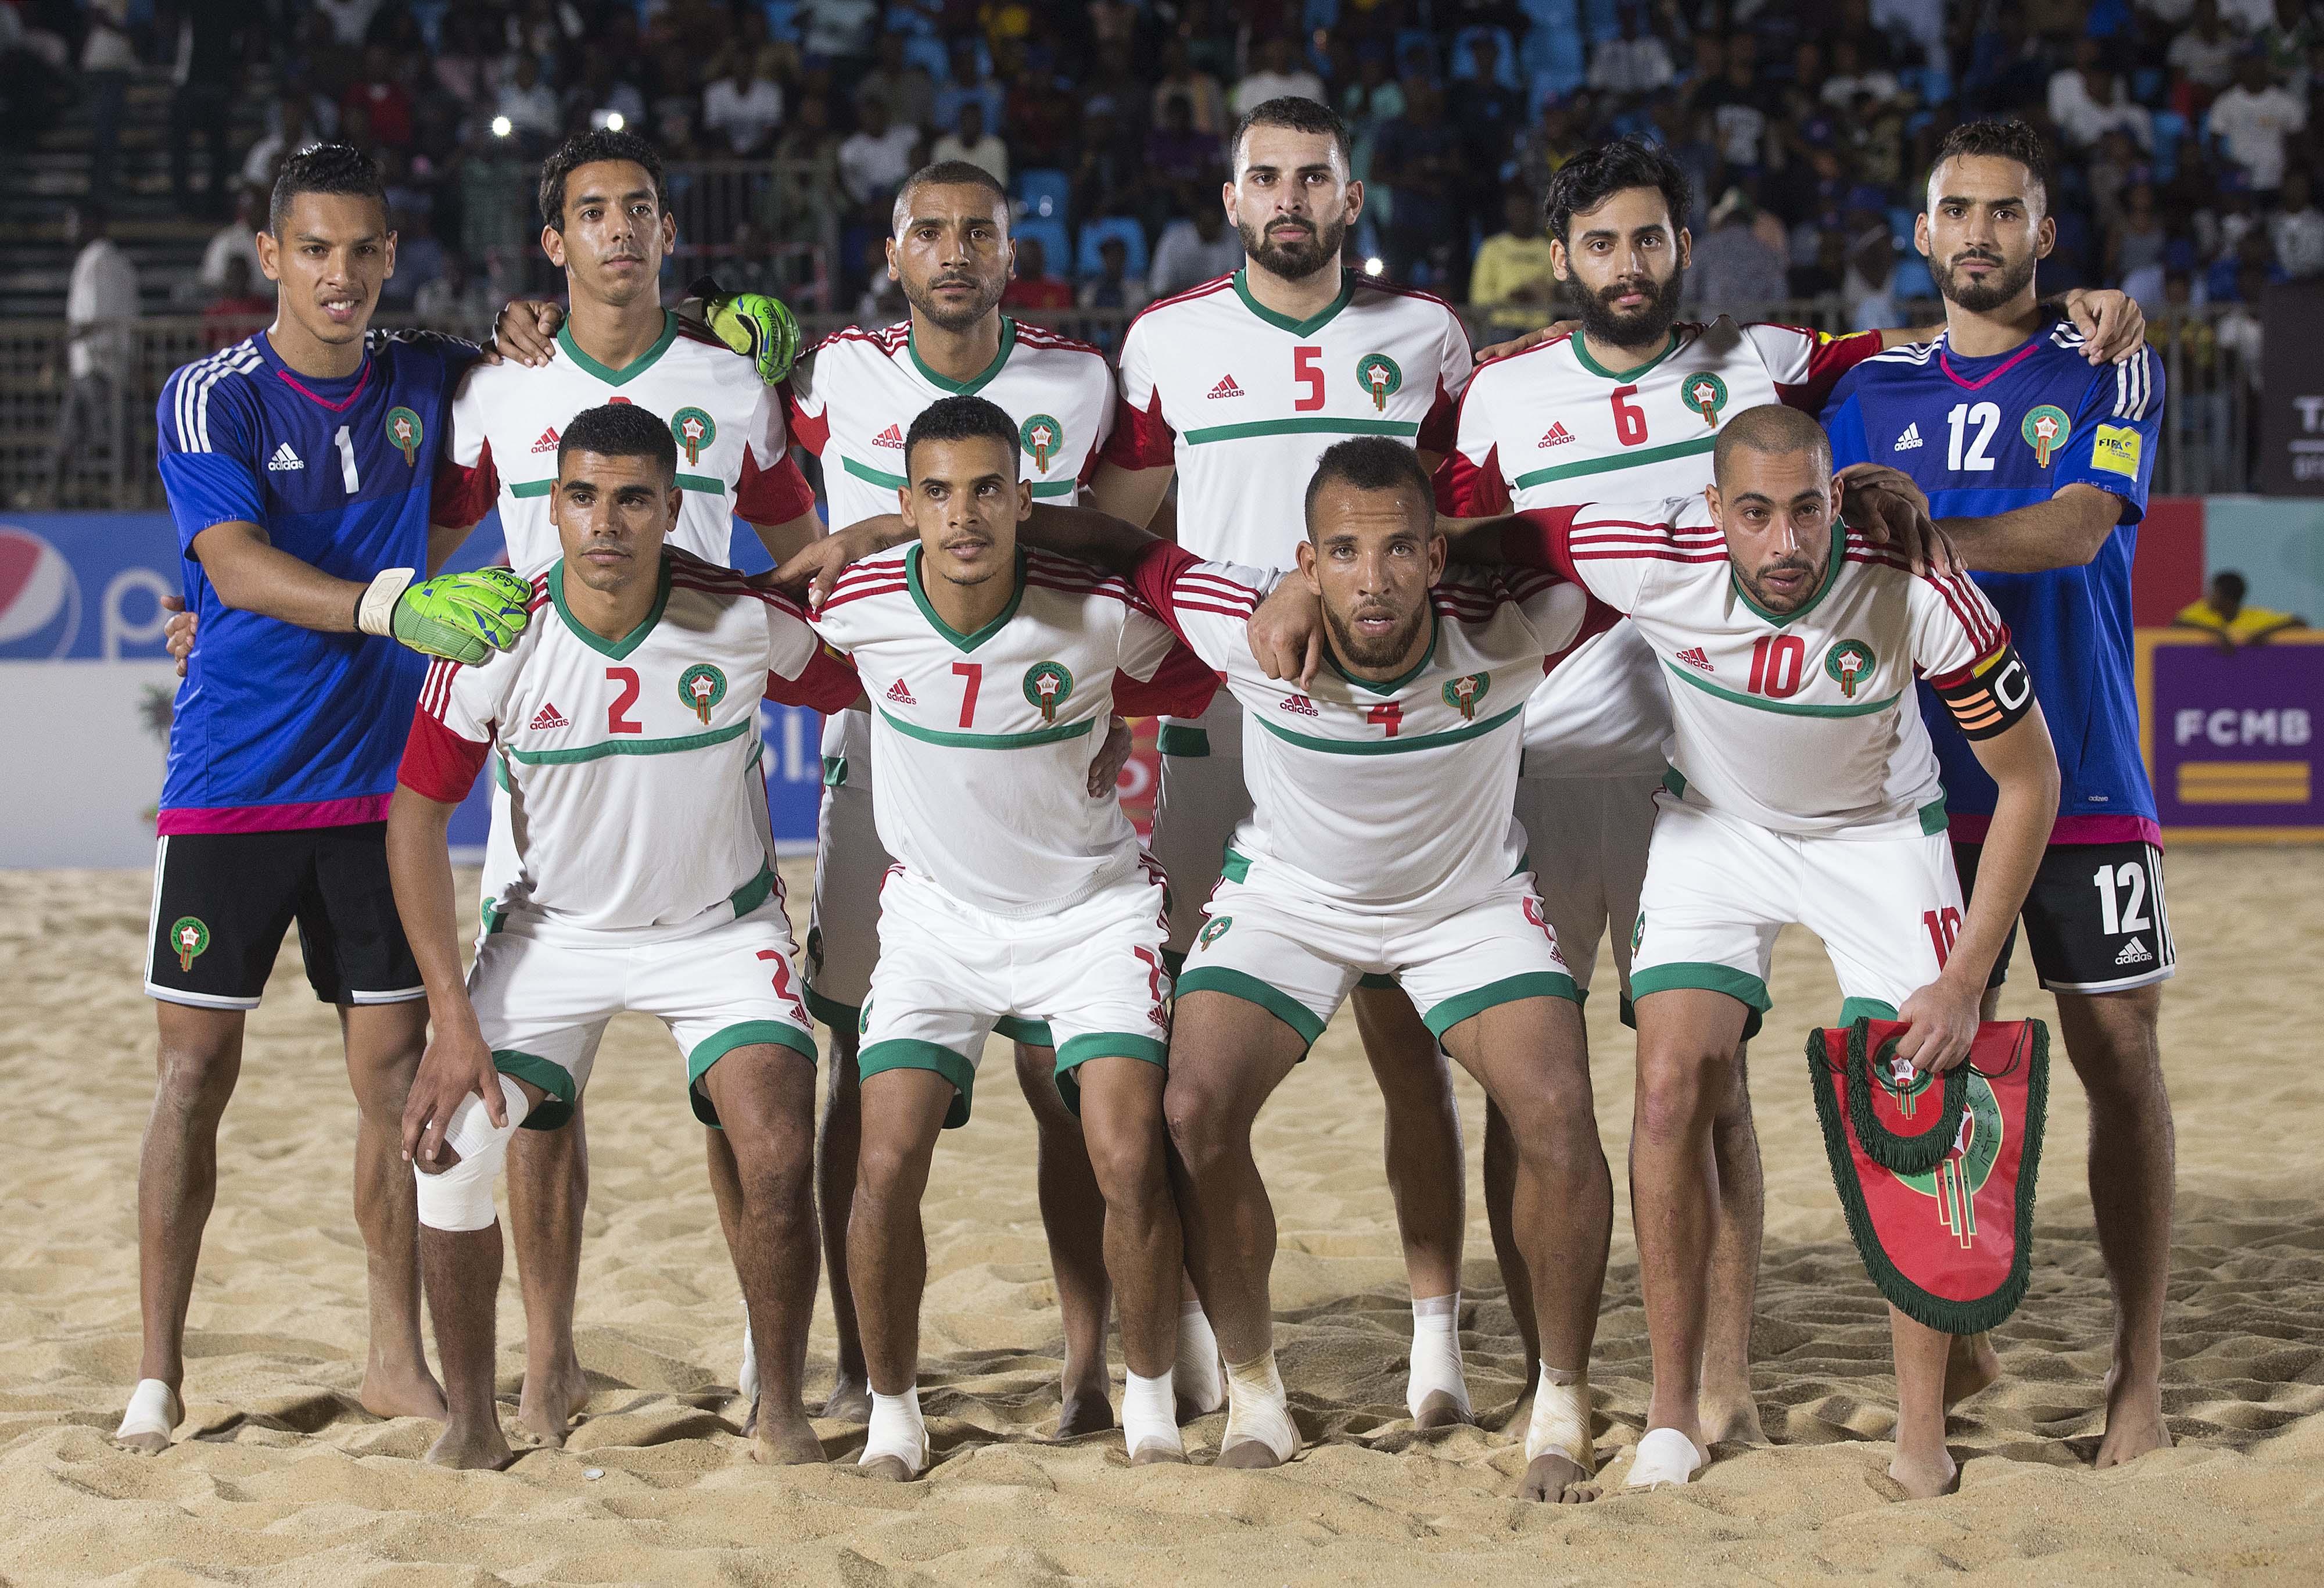 المنتخب المغربي لكرة القدم الشاطئية يفوز على منتخب لبنان